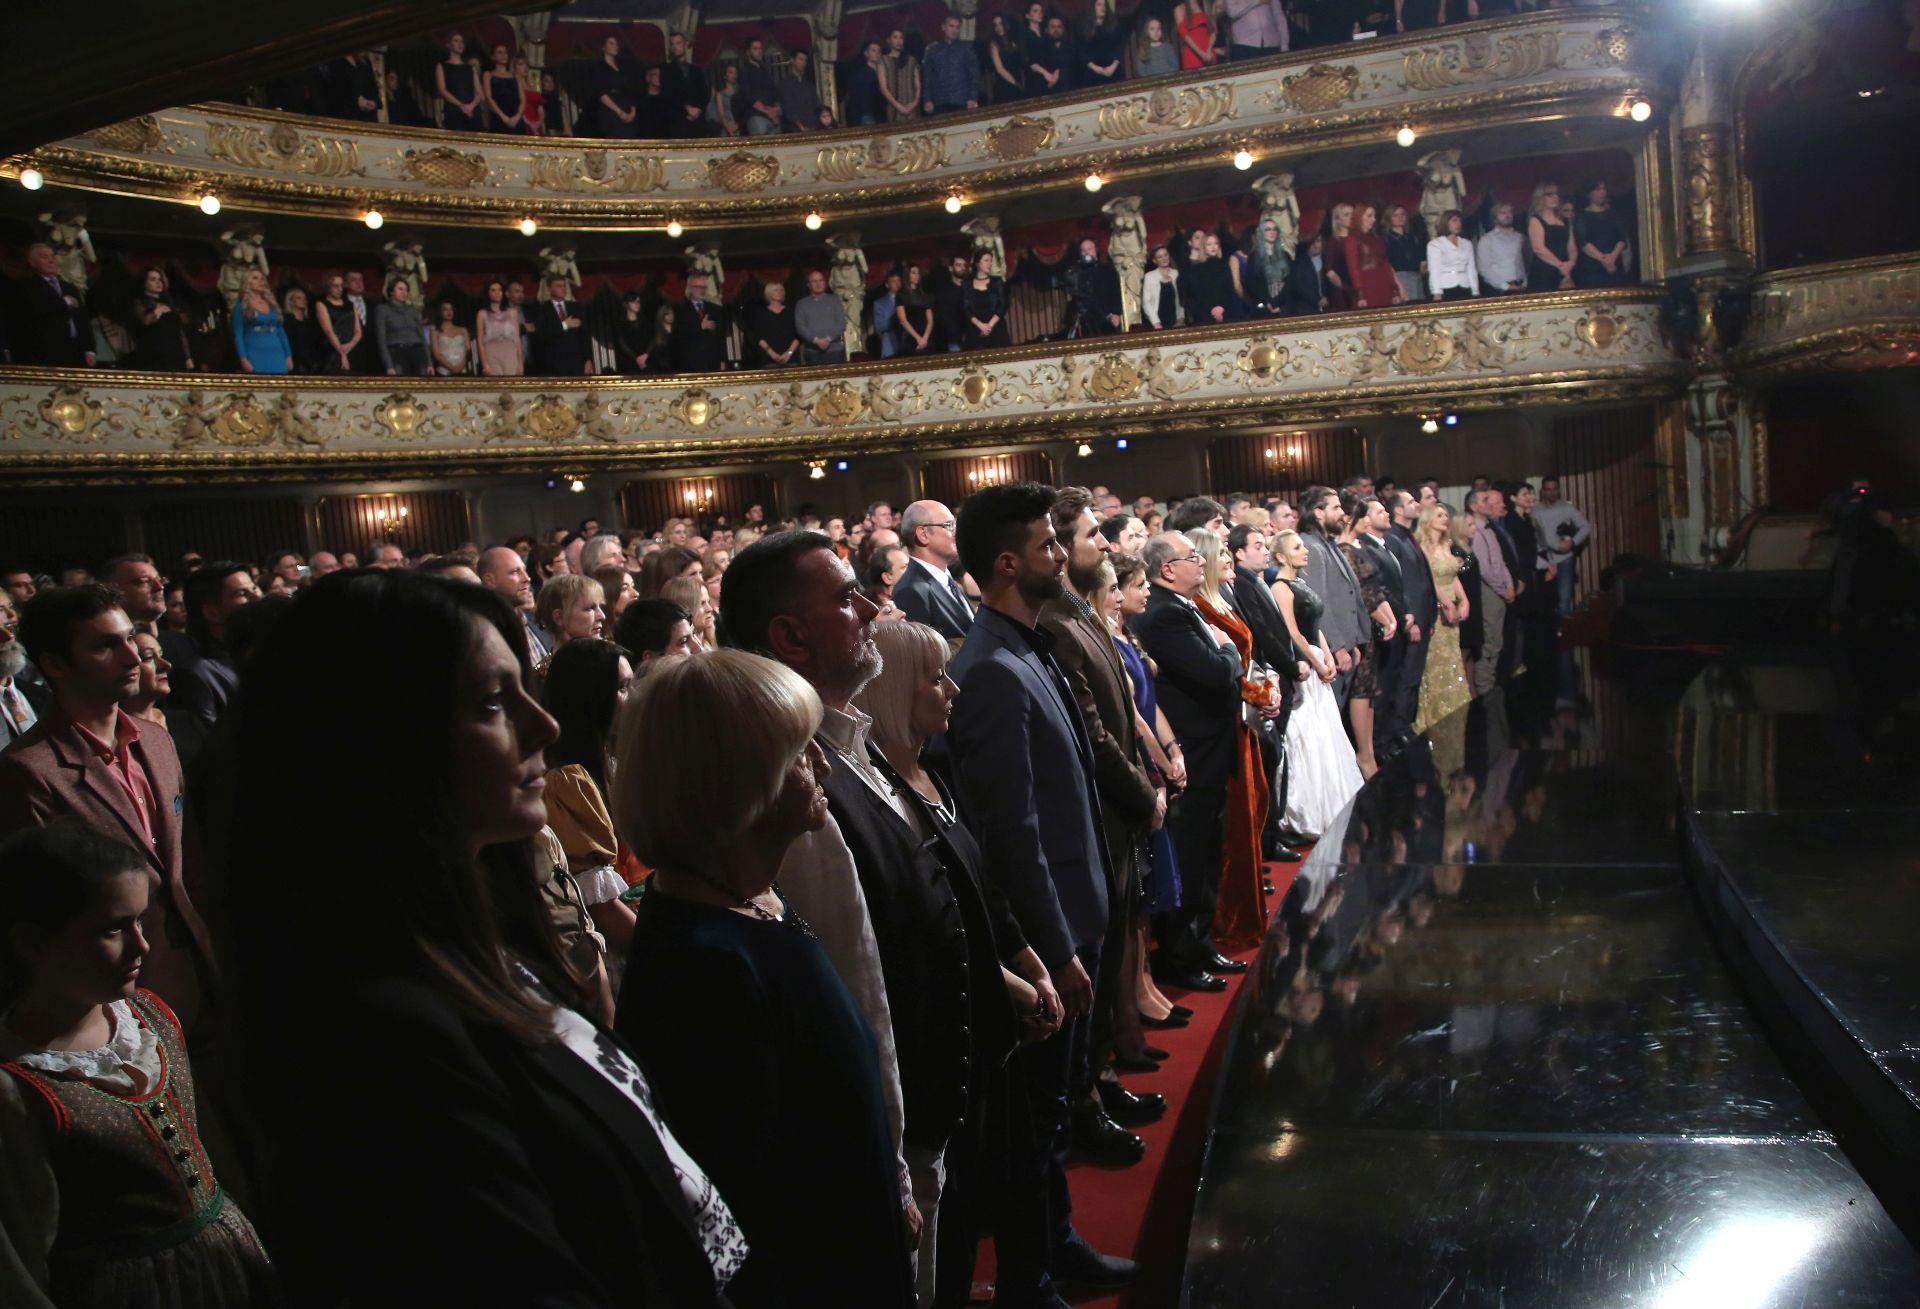 KAZALIŠTE U 2016.: Nezavisni umjetnici nositelji najboljih kazališnih vijesti u 2016.